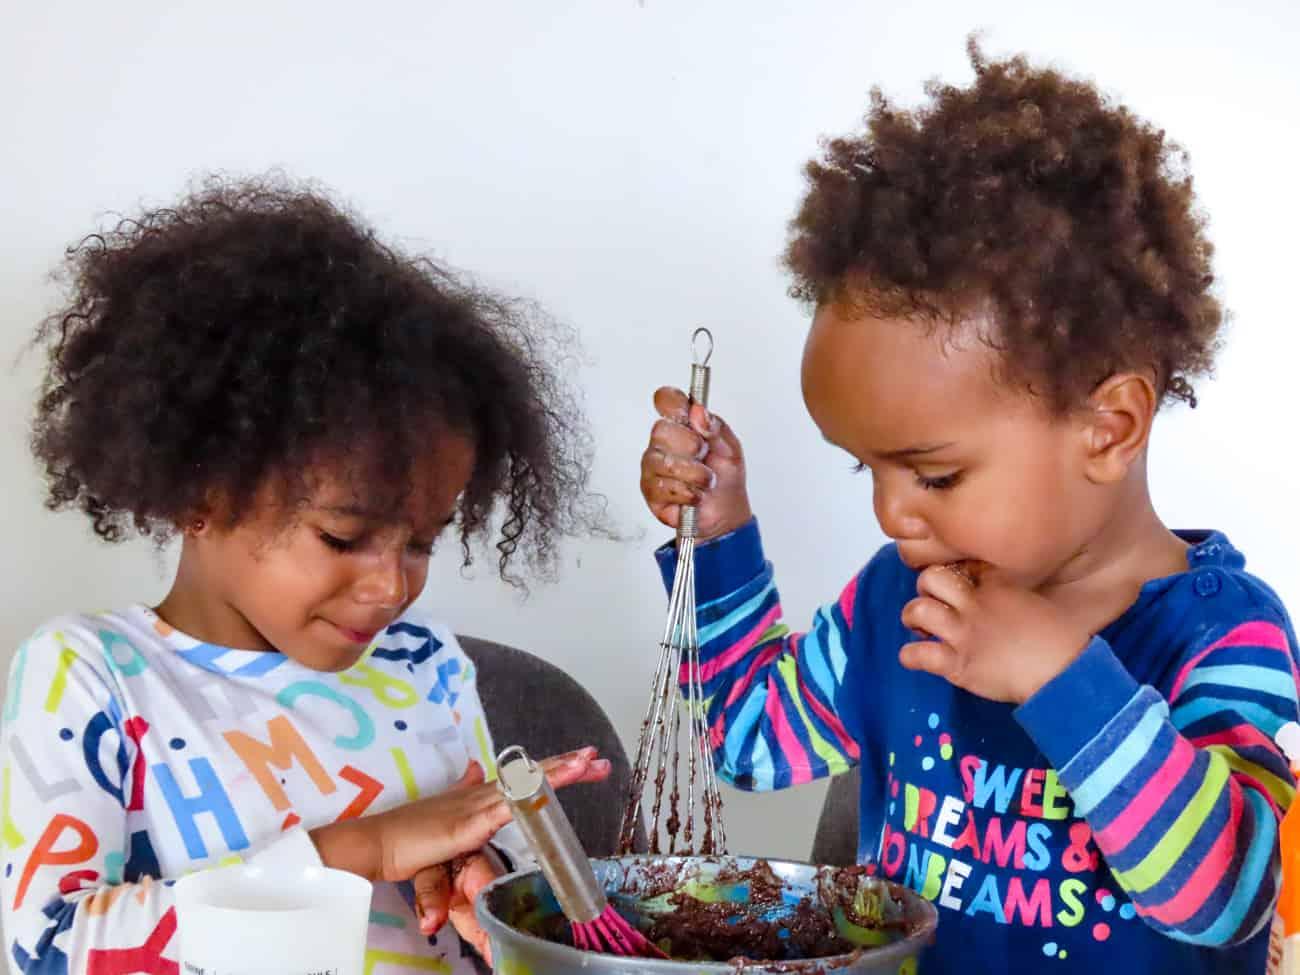 cuisiner-avec-enfants-recettes-41